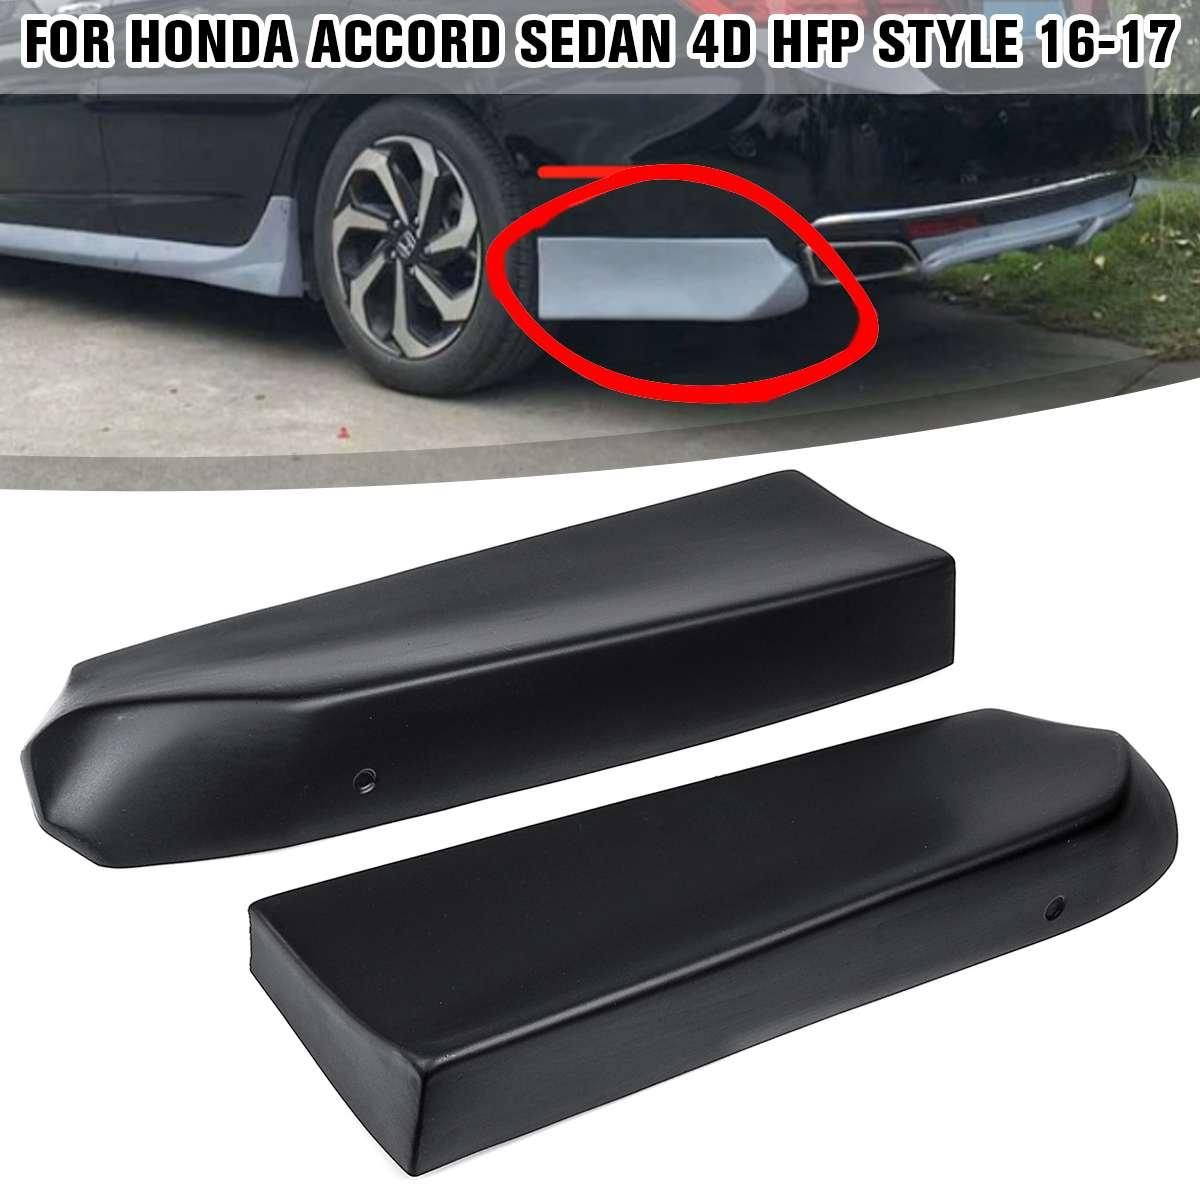 Un par de parachoques trasero de coche, separador de labios, Alerón, embellecedor de labios, divisor de ajuste para Honda para Accord Sedan 4D, estilo HFP 2016-2017